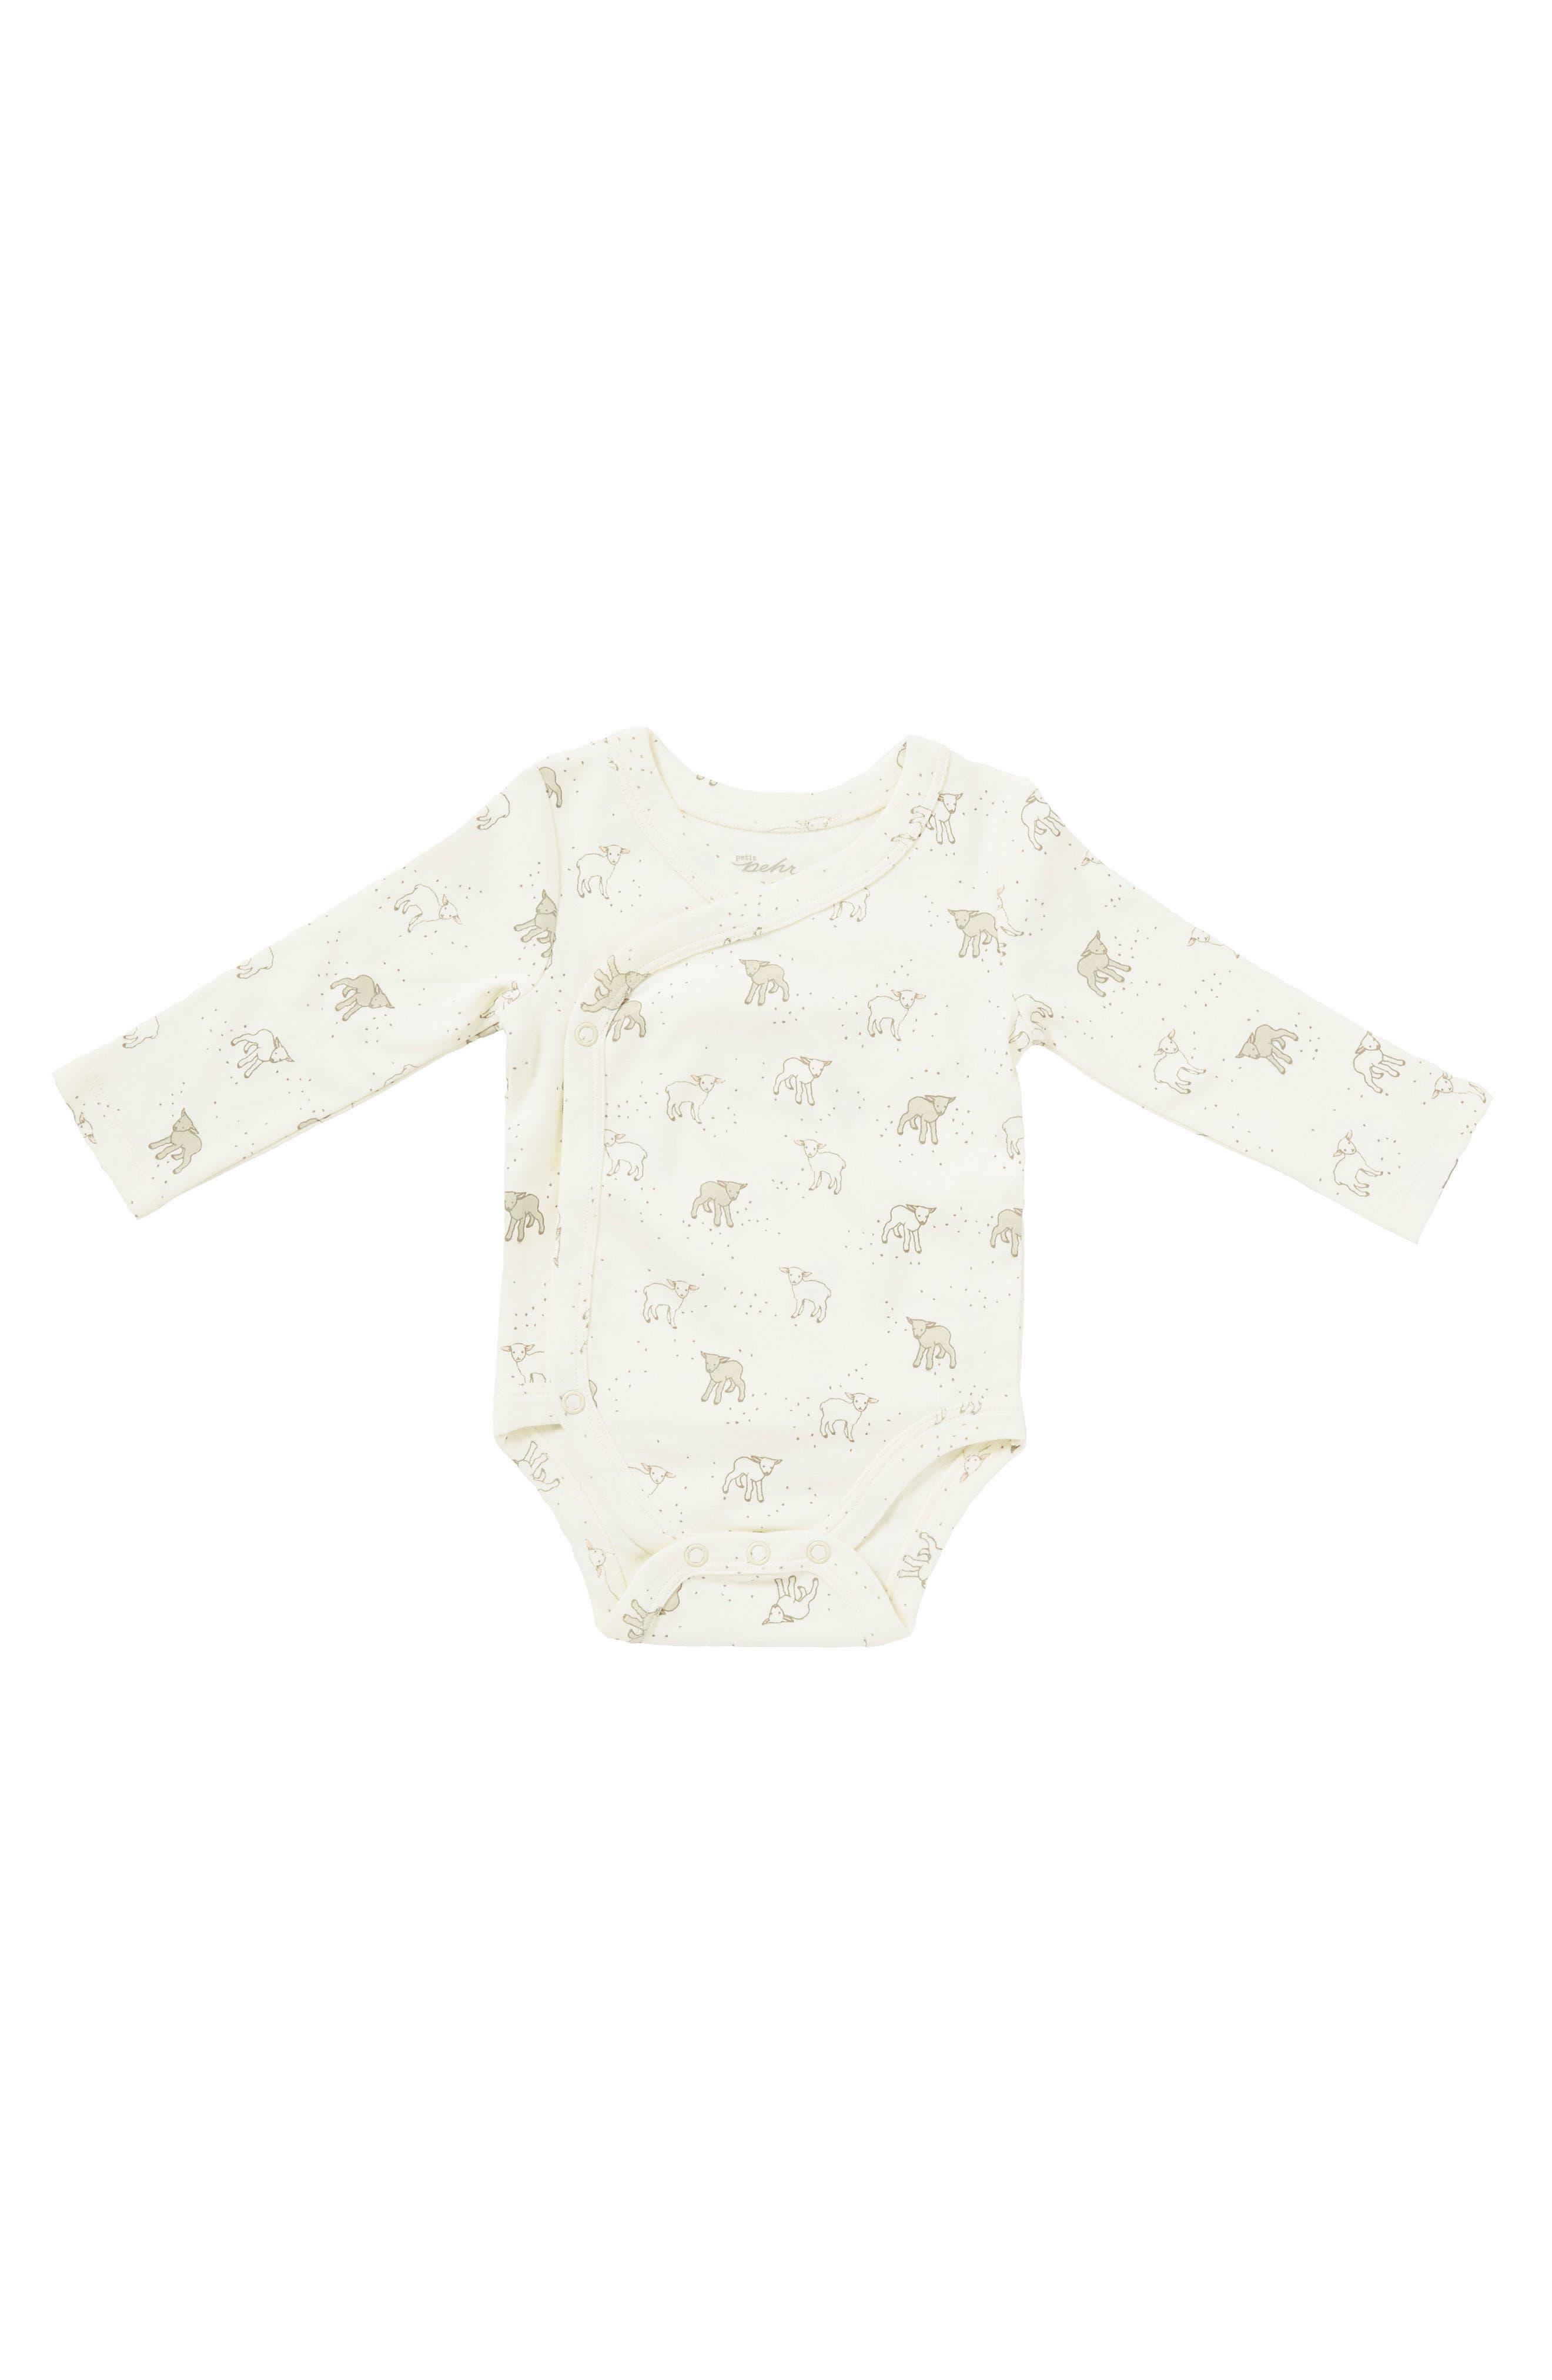 Little Lamb Bodysuit,                         Main,                         color, Ivory